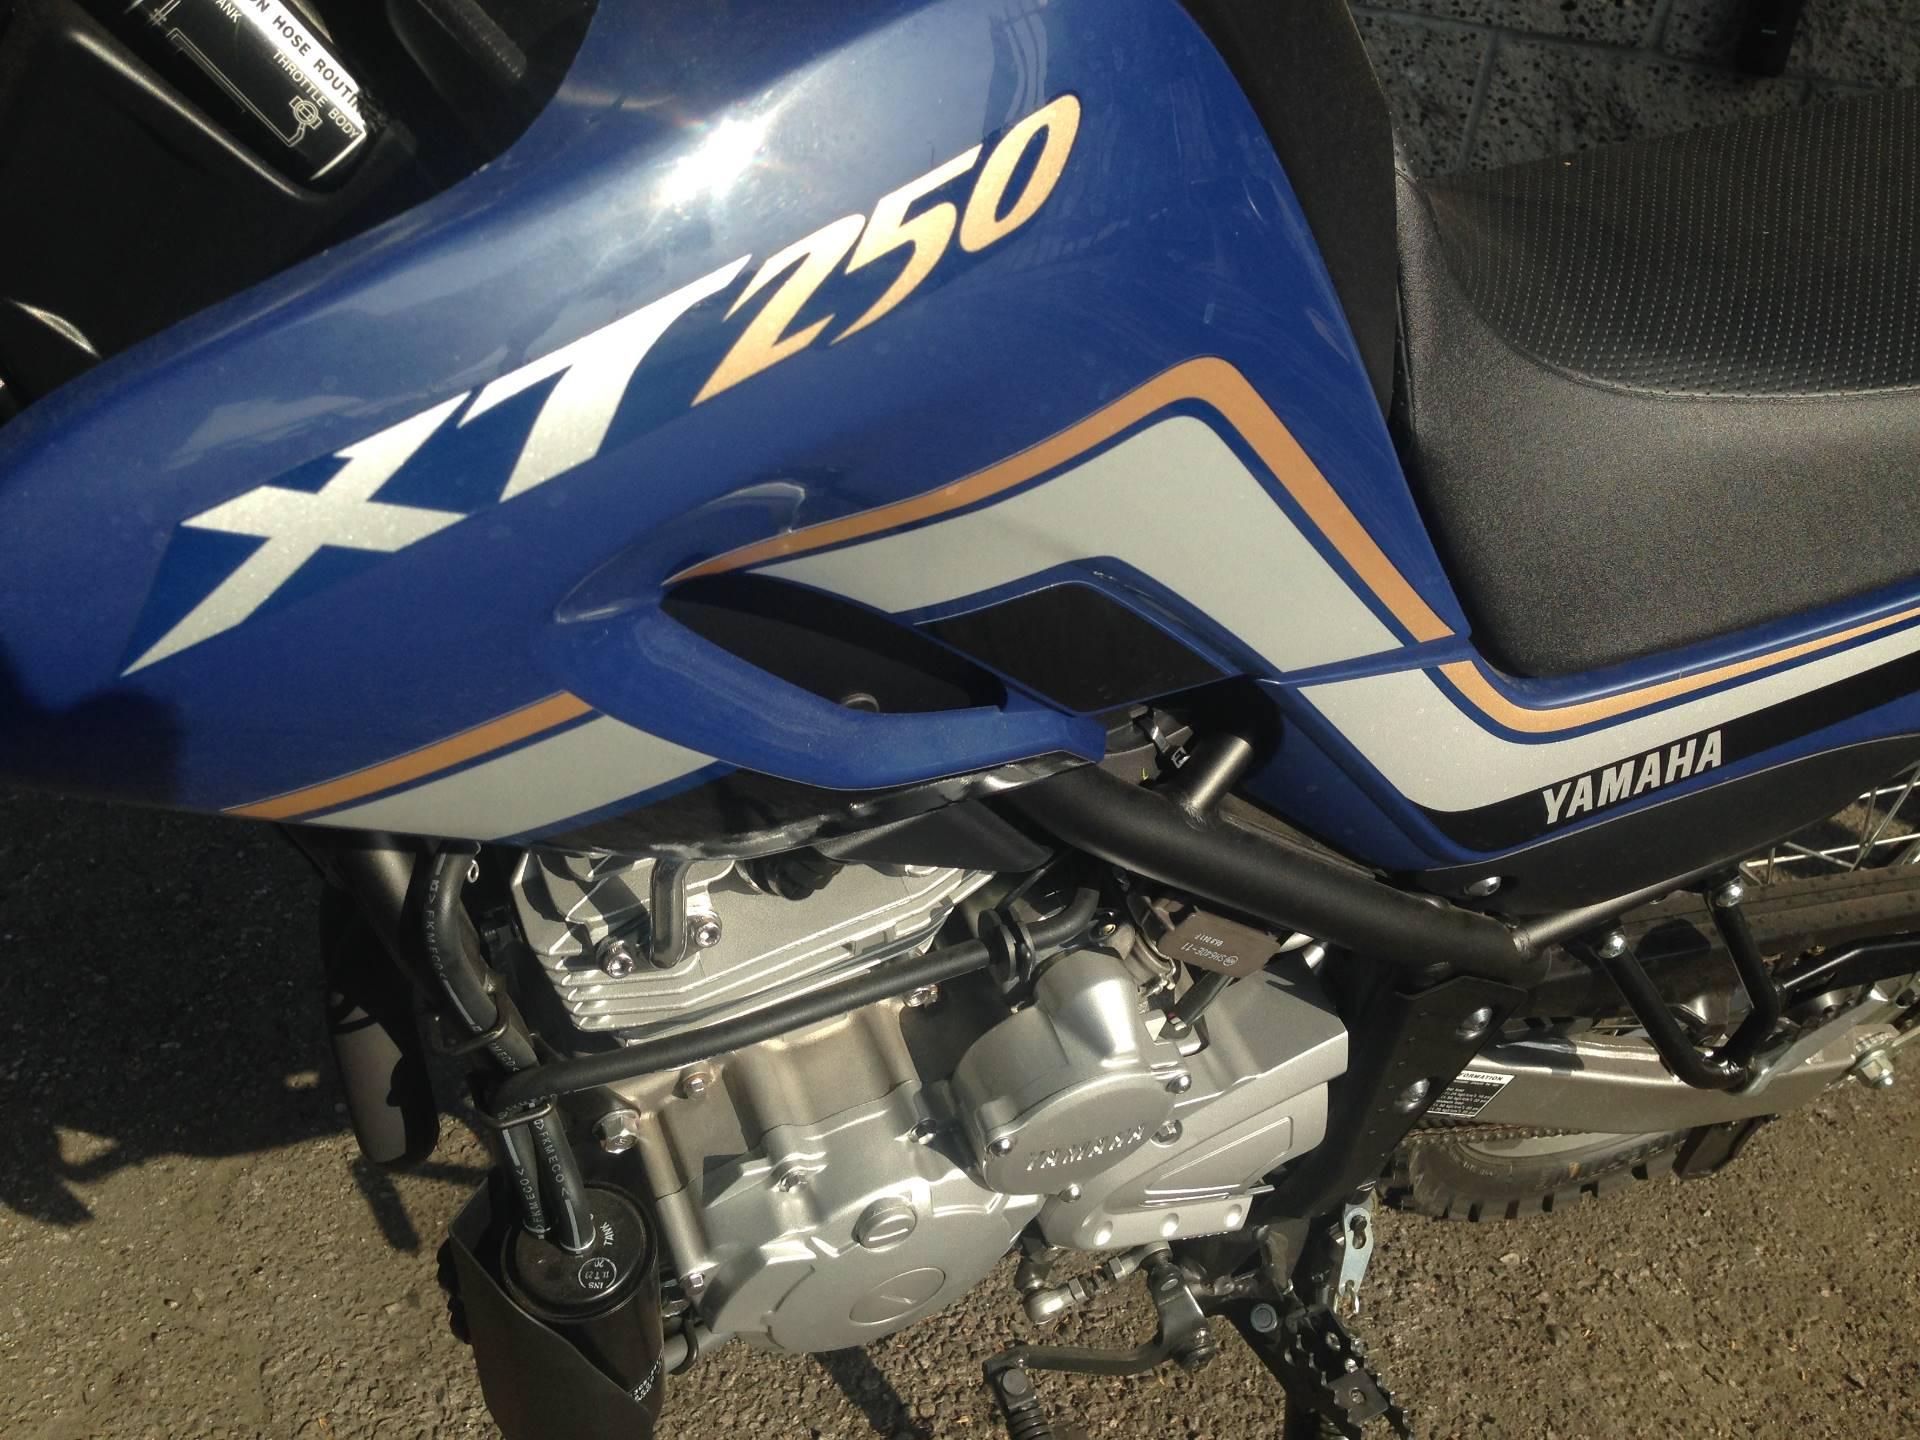 2017 Yamaha XT250 3